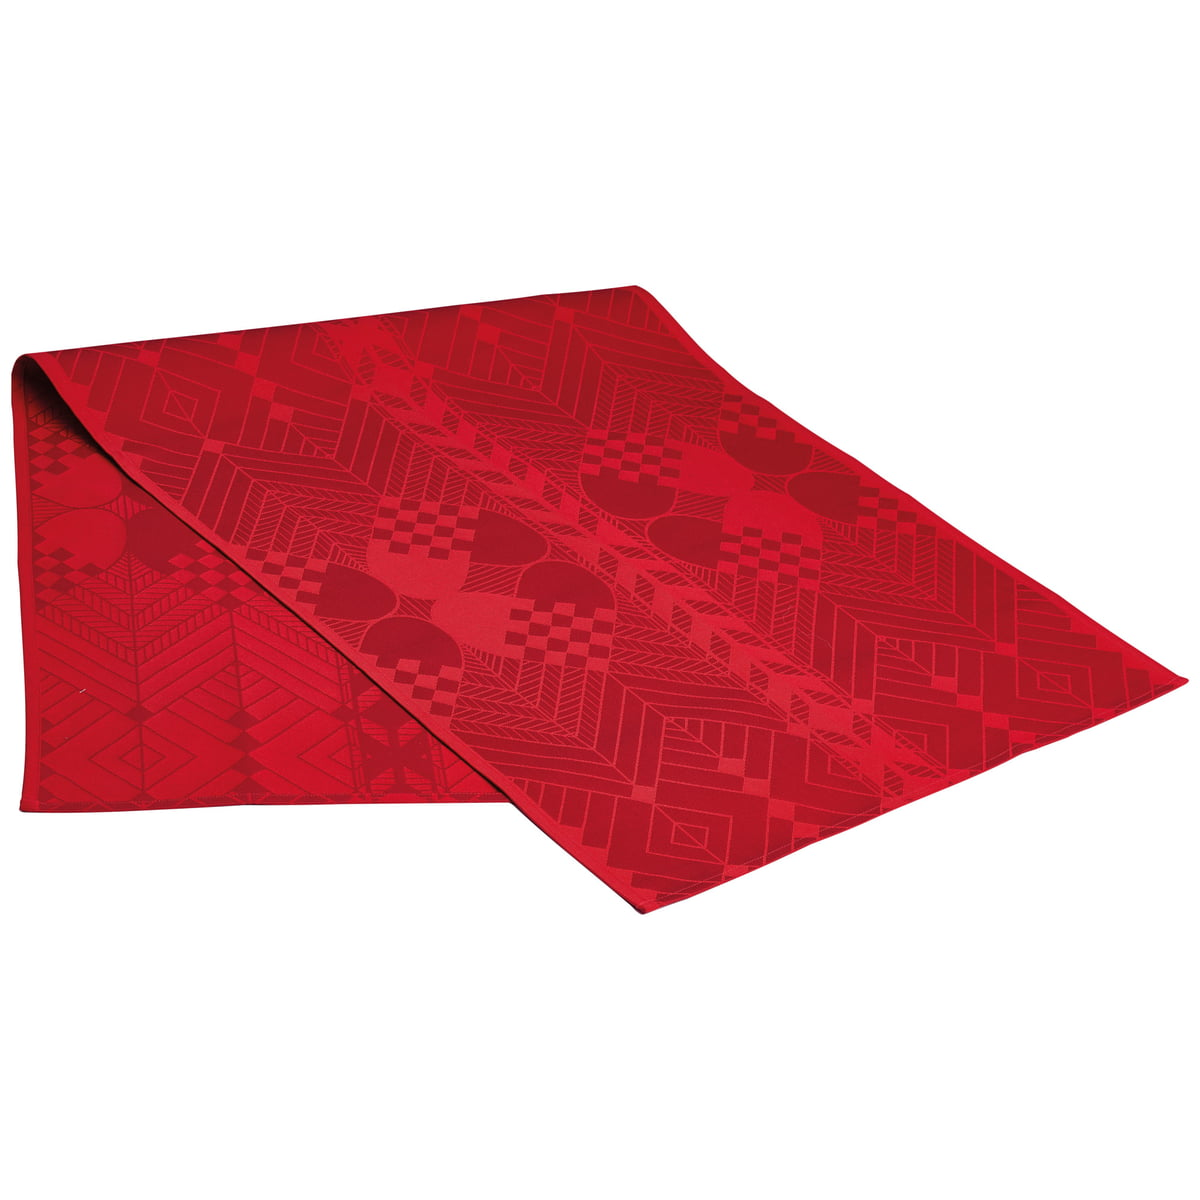 Christmas Table Runner By Georg Jensen Damask In Dark Red